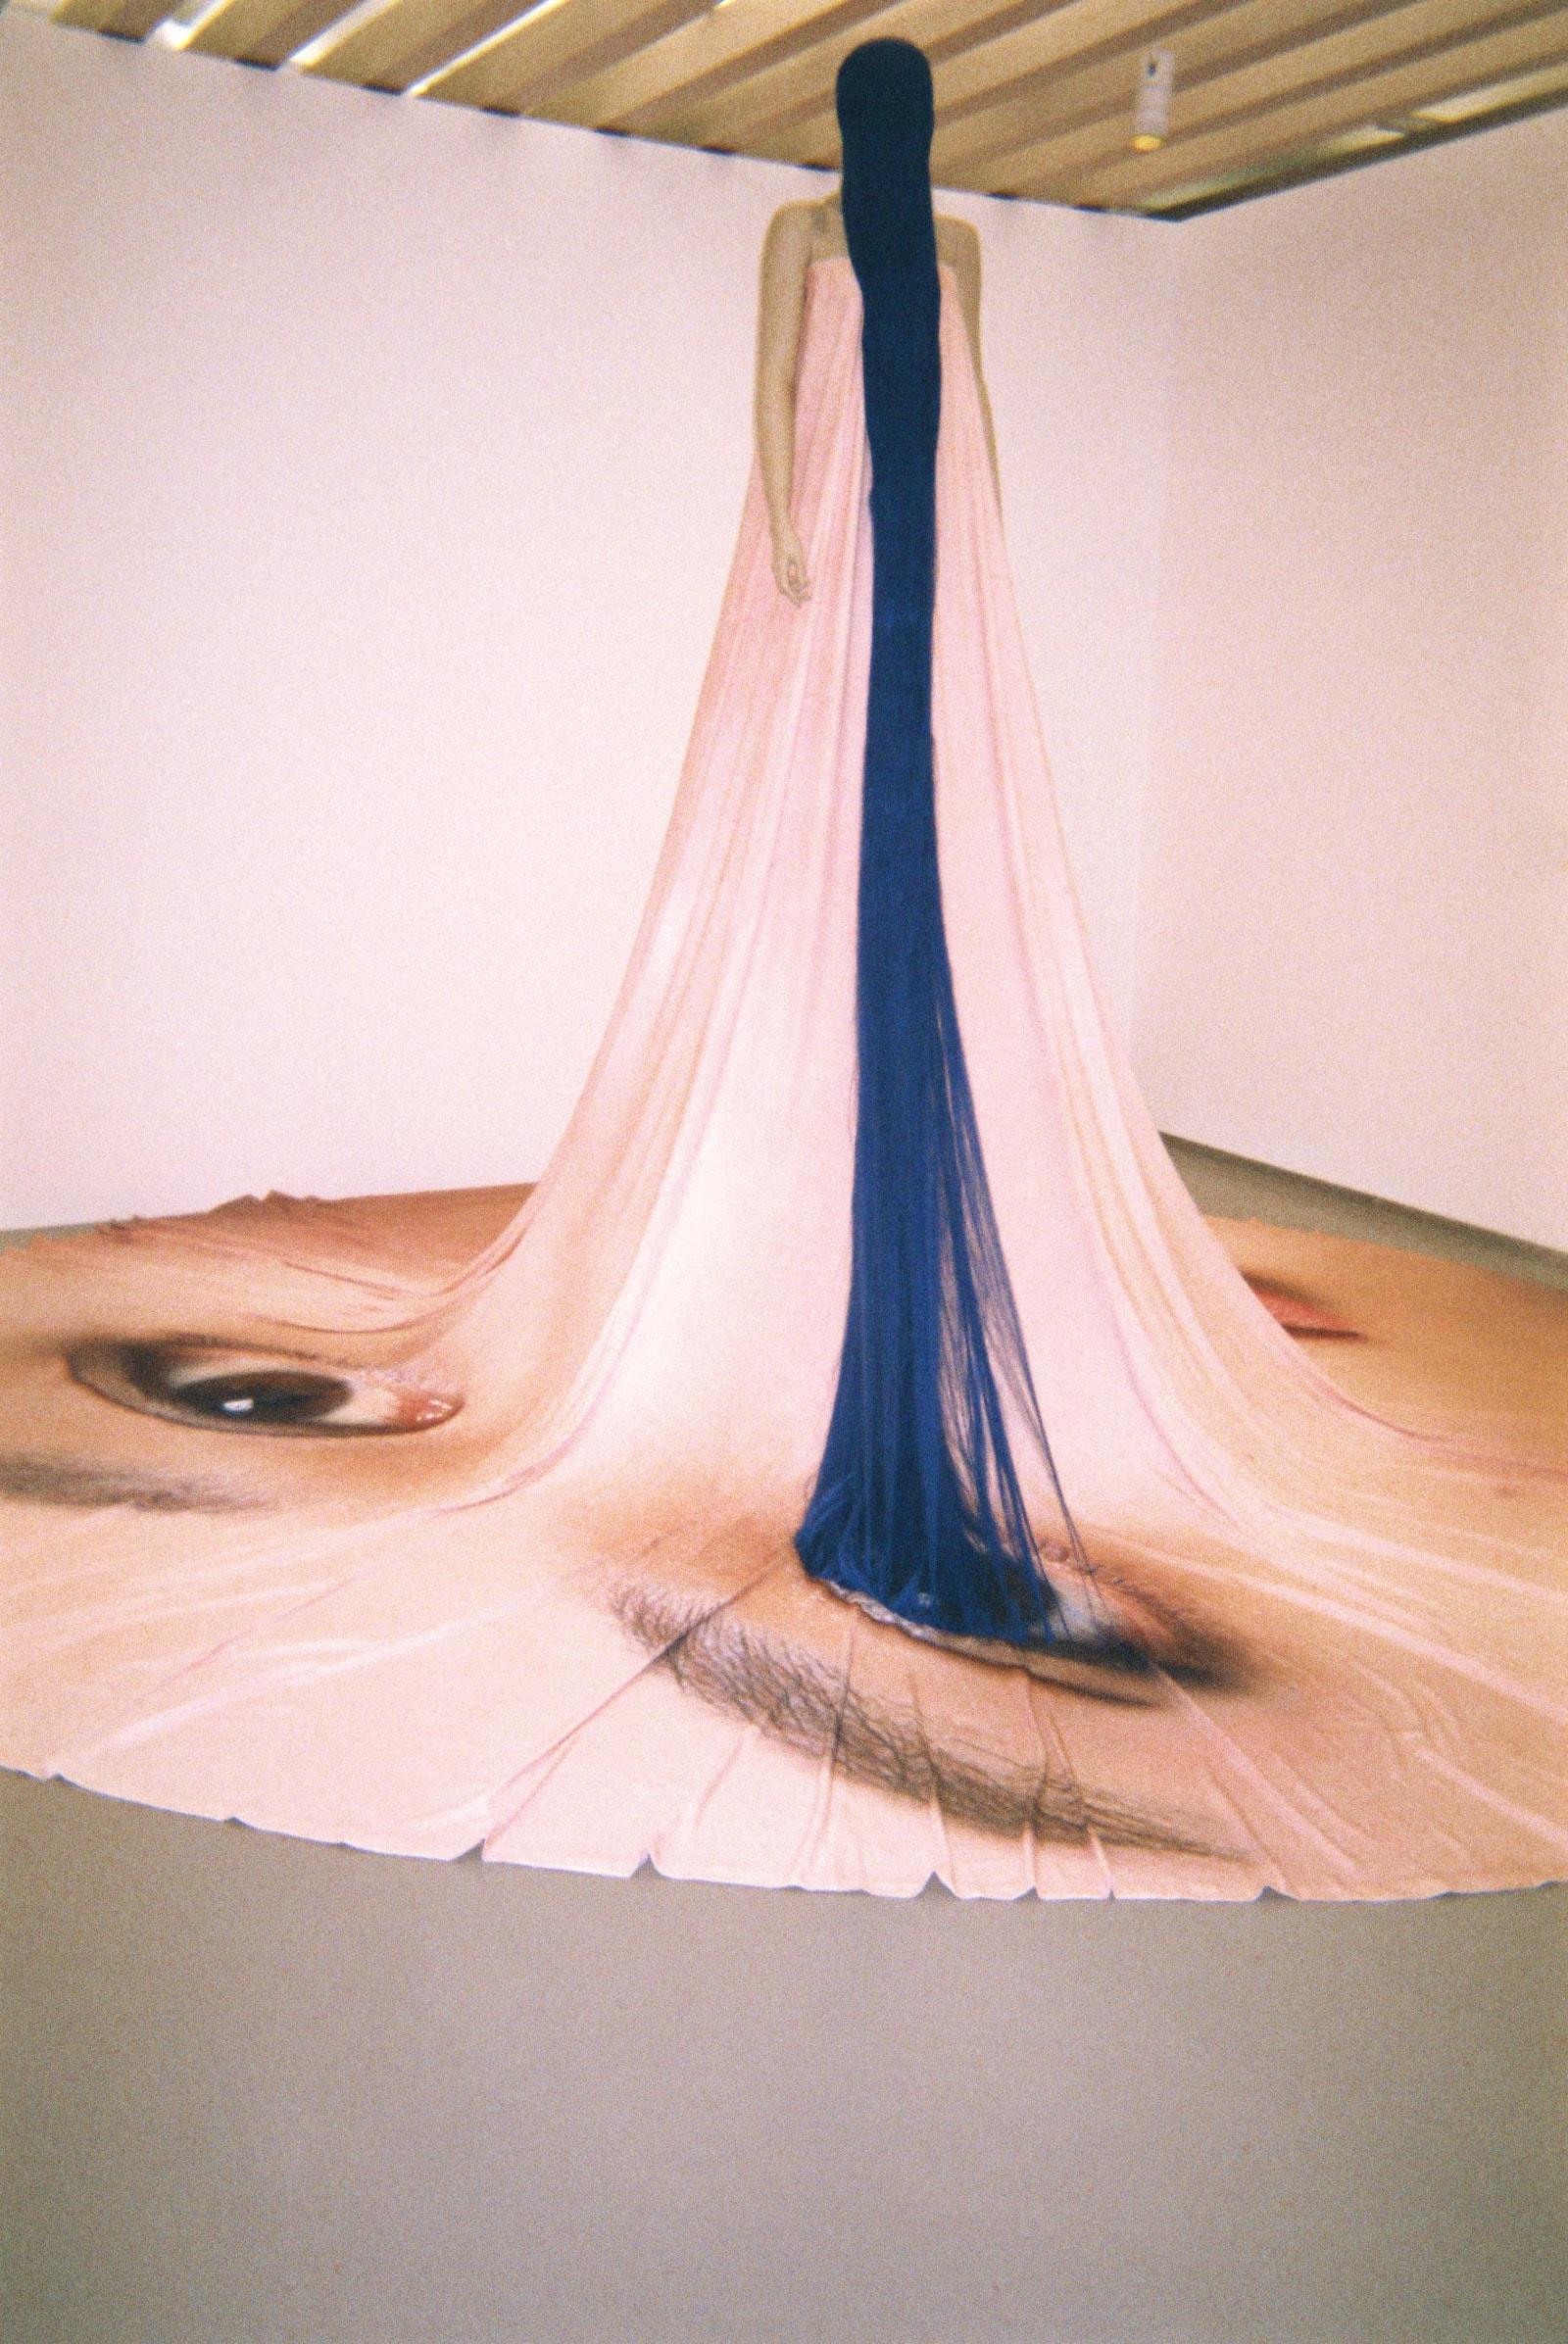 《目不見睫》倒數一週,台灣藝術家江宥儀 John Yuyi 有一些話想跟大家說⋯⋯